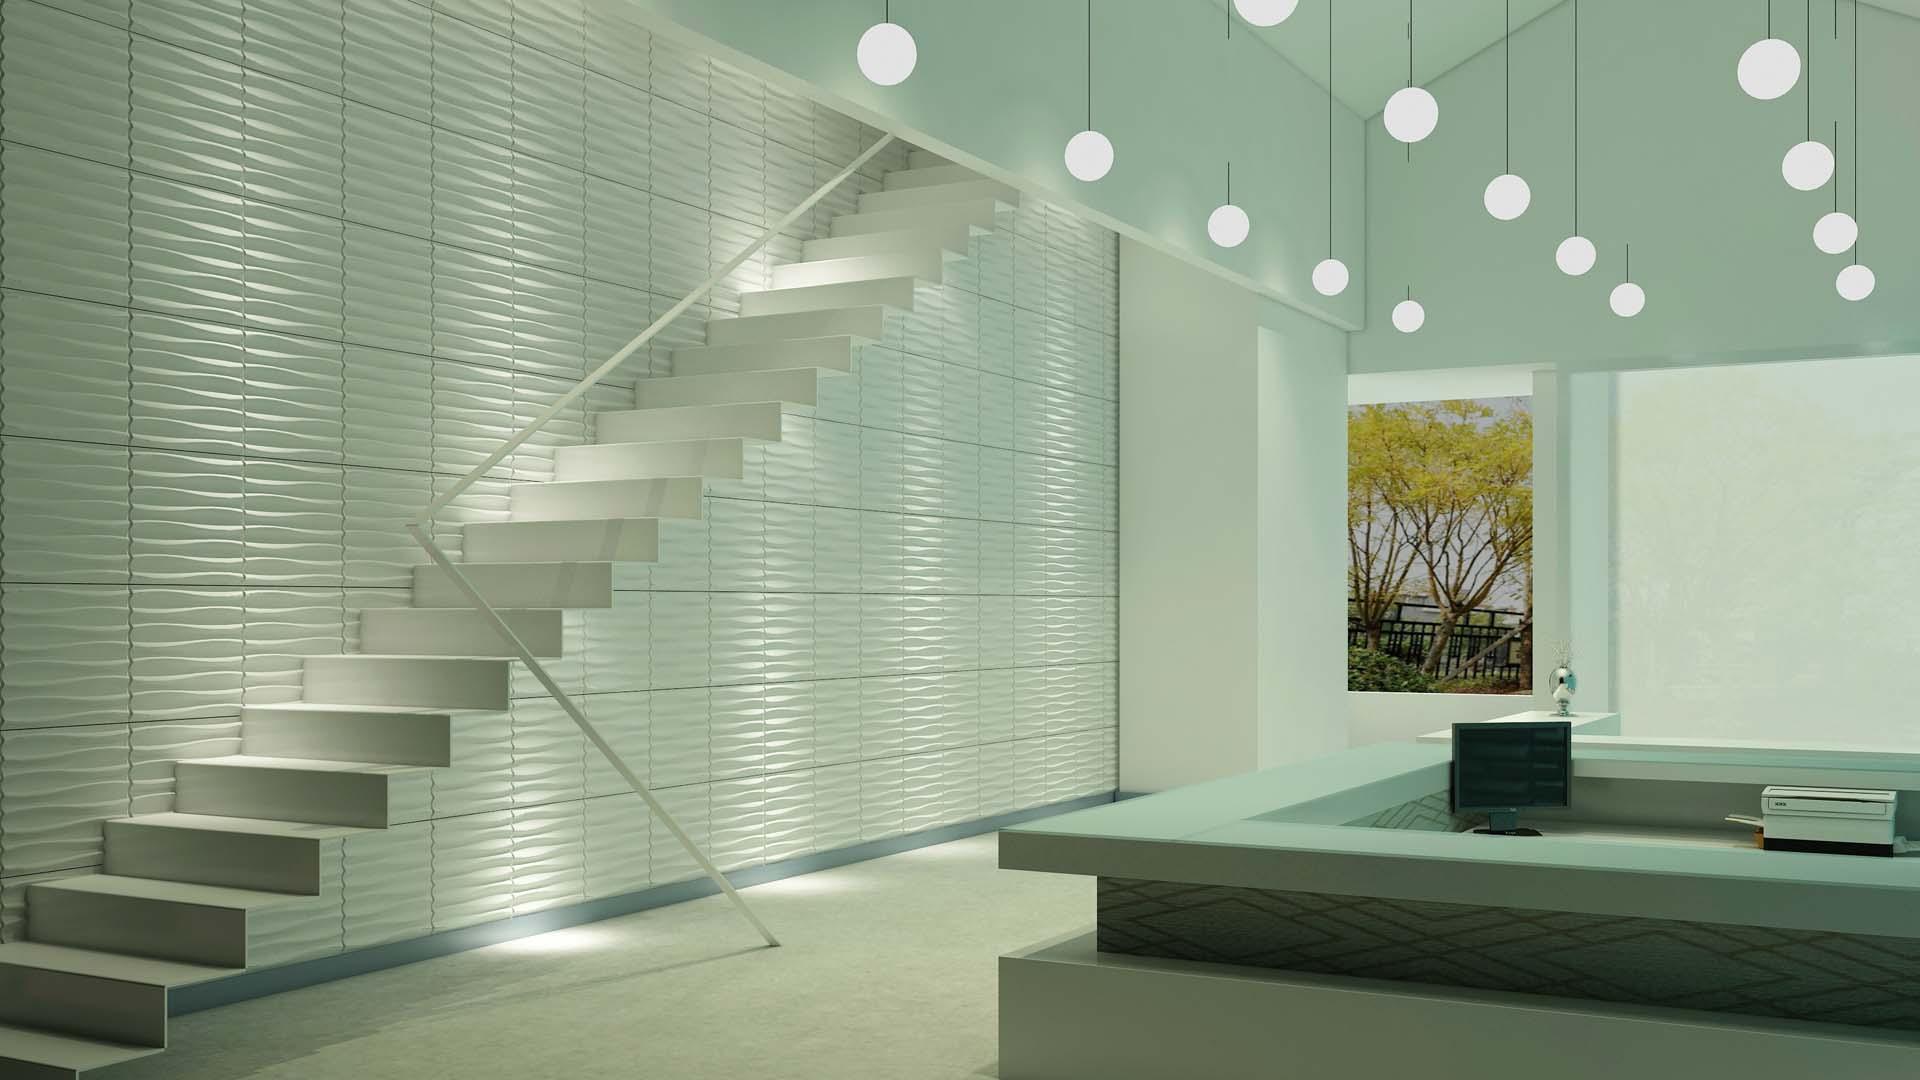 3d wall art panels living room 3d wall art panels exact design offers